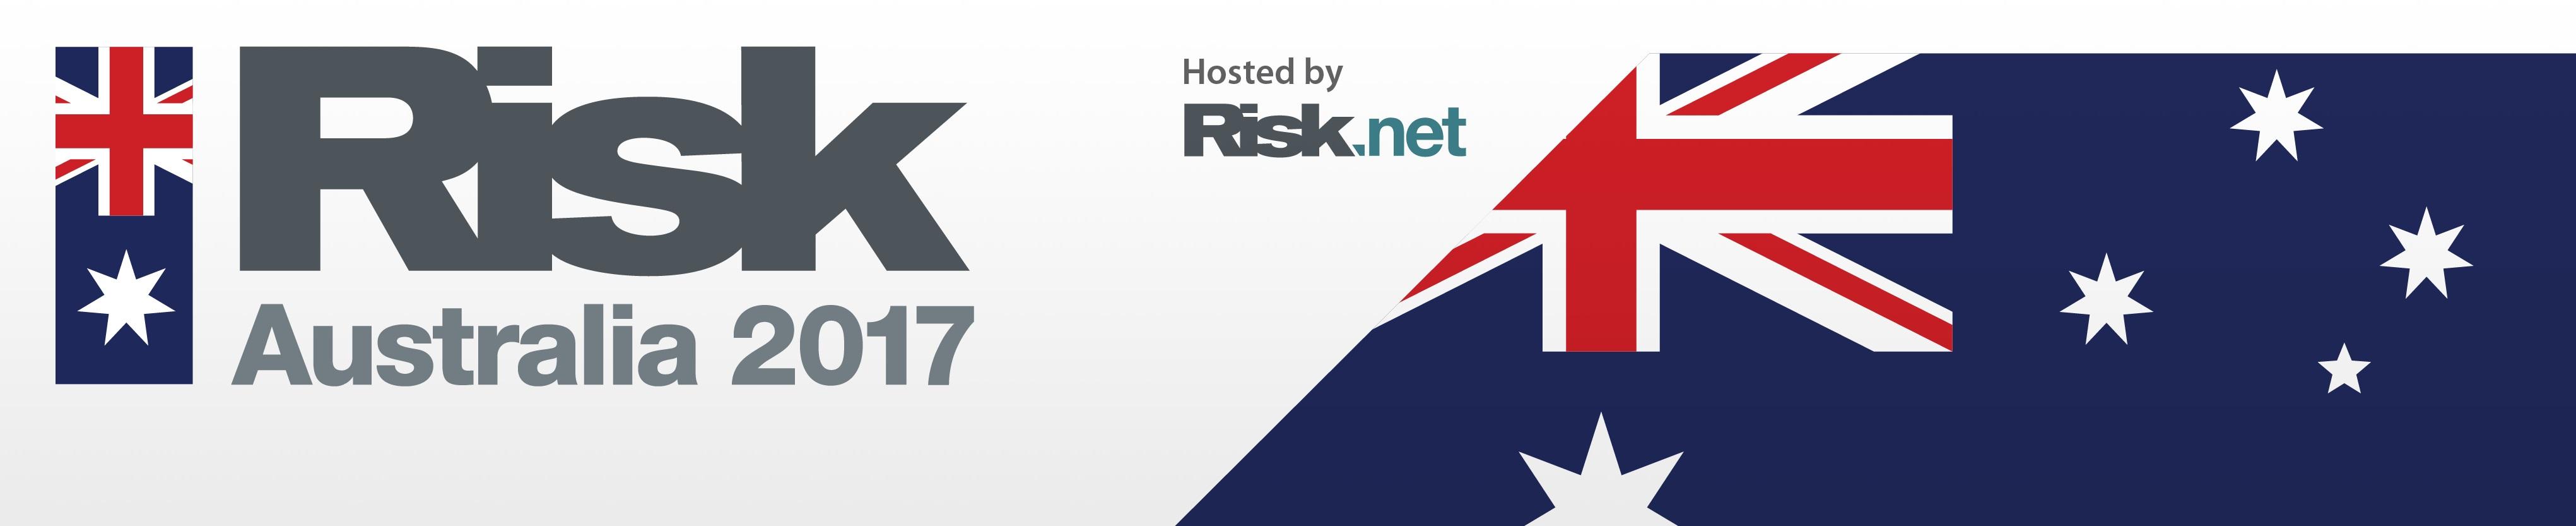 Risk Australia 2017